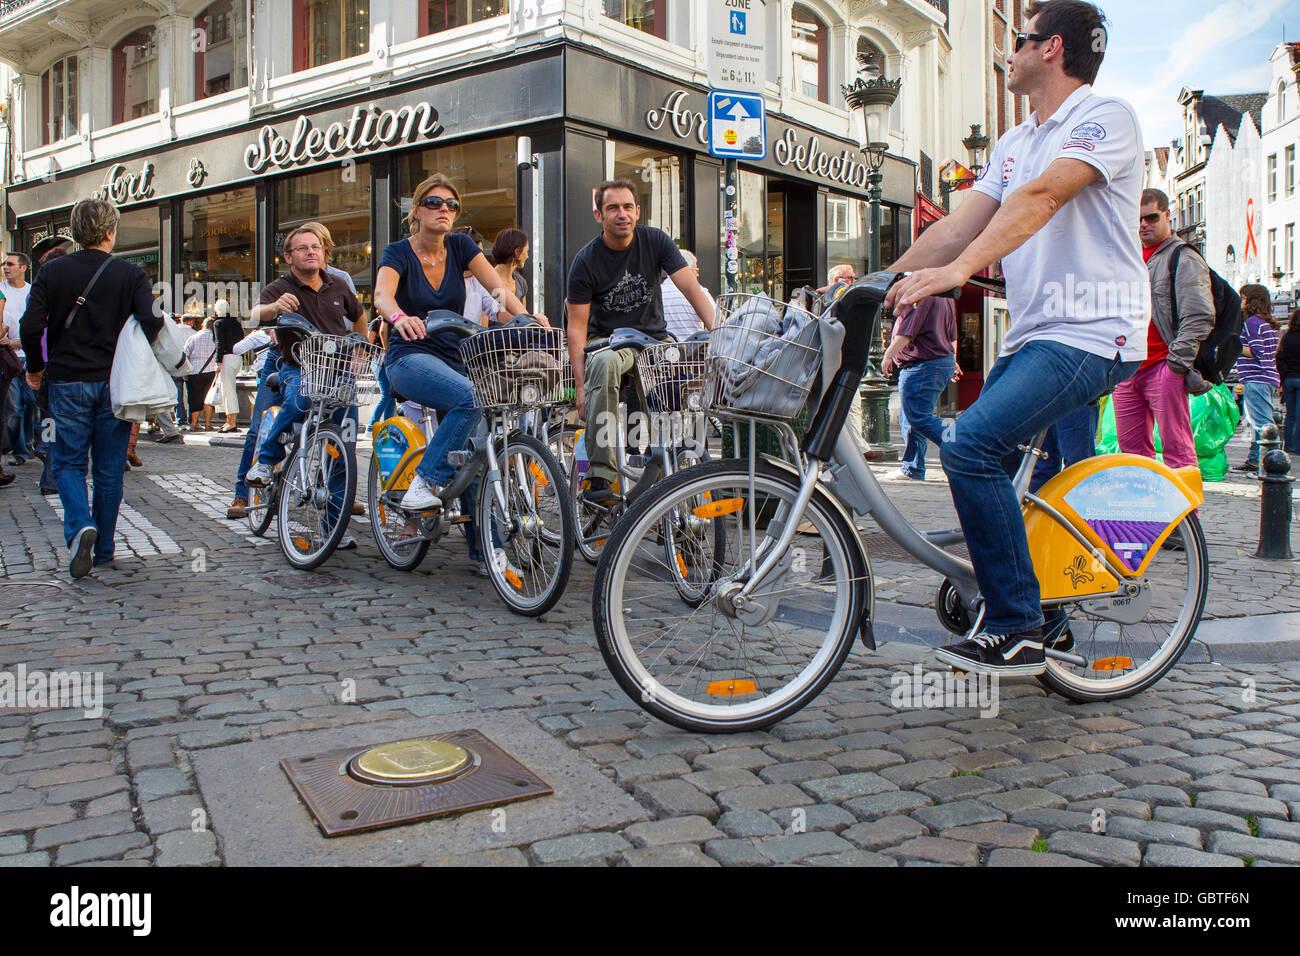 Grupo de turistas villo bicicletas bicicletas ciclo Bruselas Imagen De Stock